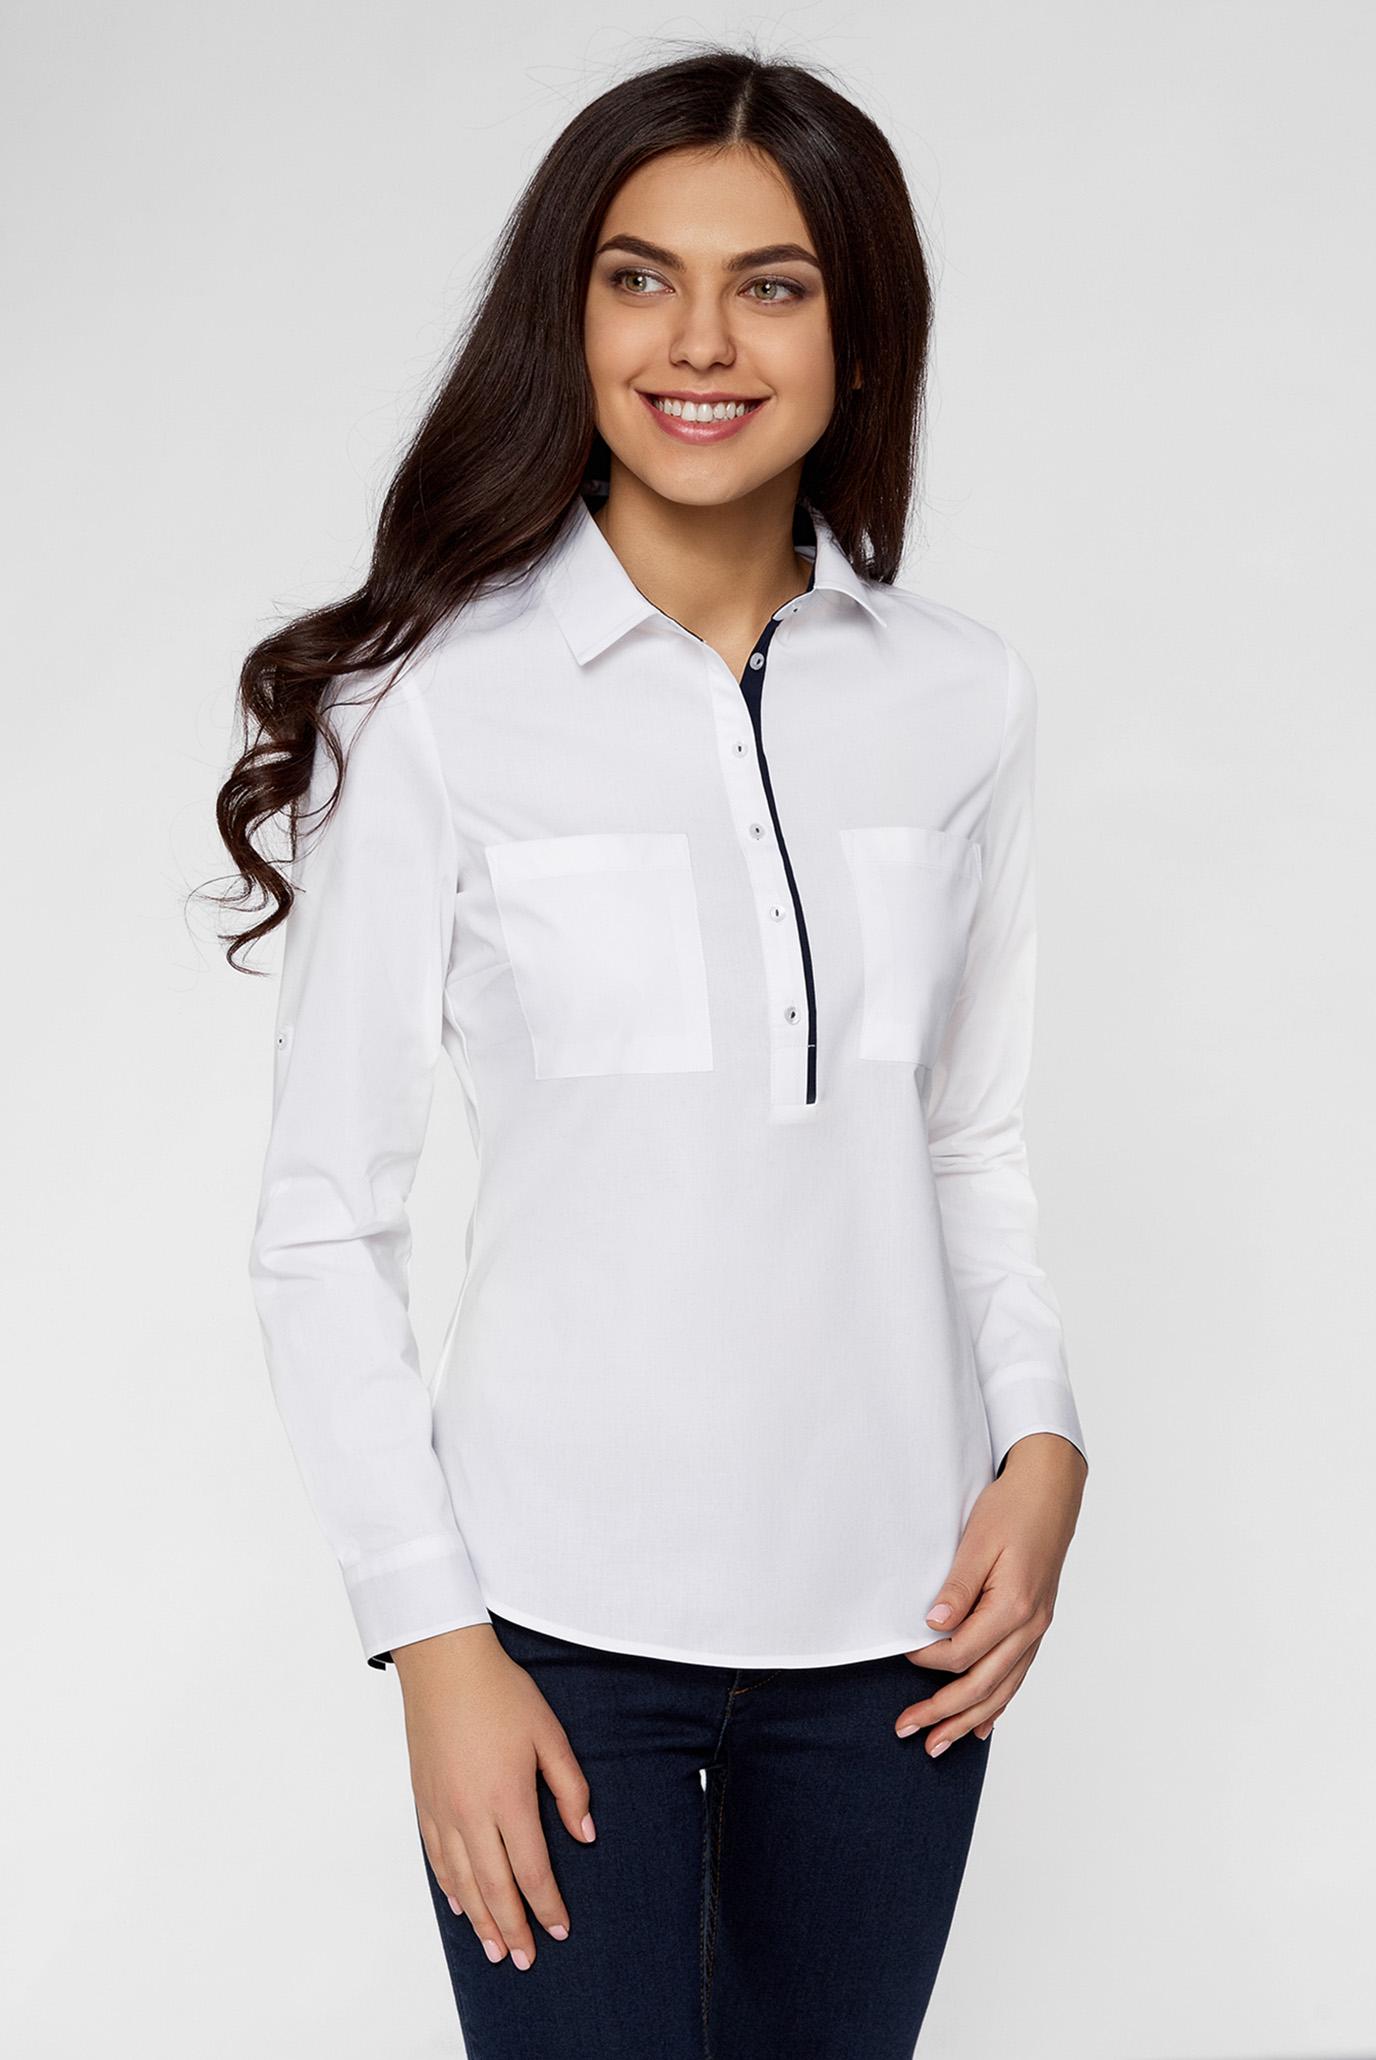 f81969fc4a57818 Купить Женская белая рубашка Oodji Oodji 11403222-3/42468/1000N – Киев,  Украина. Цены в интернет магазине ...